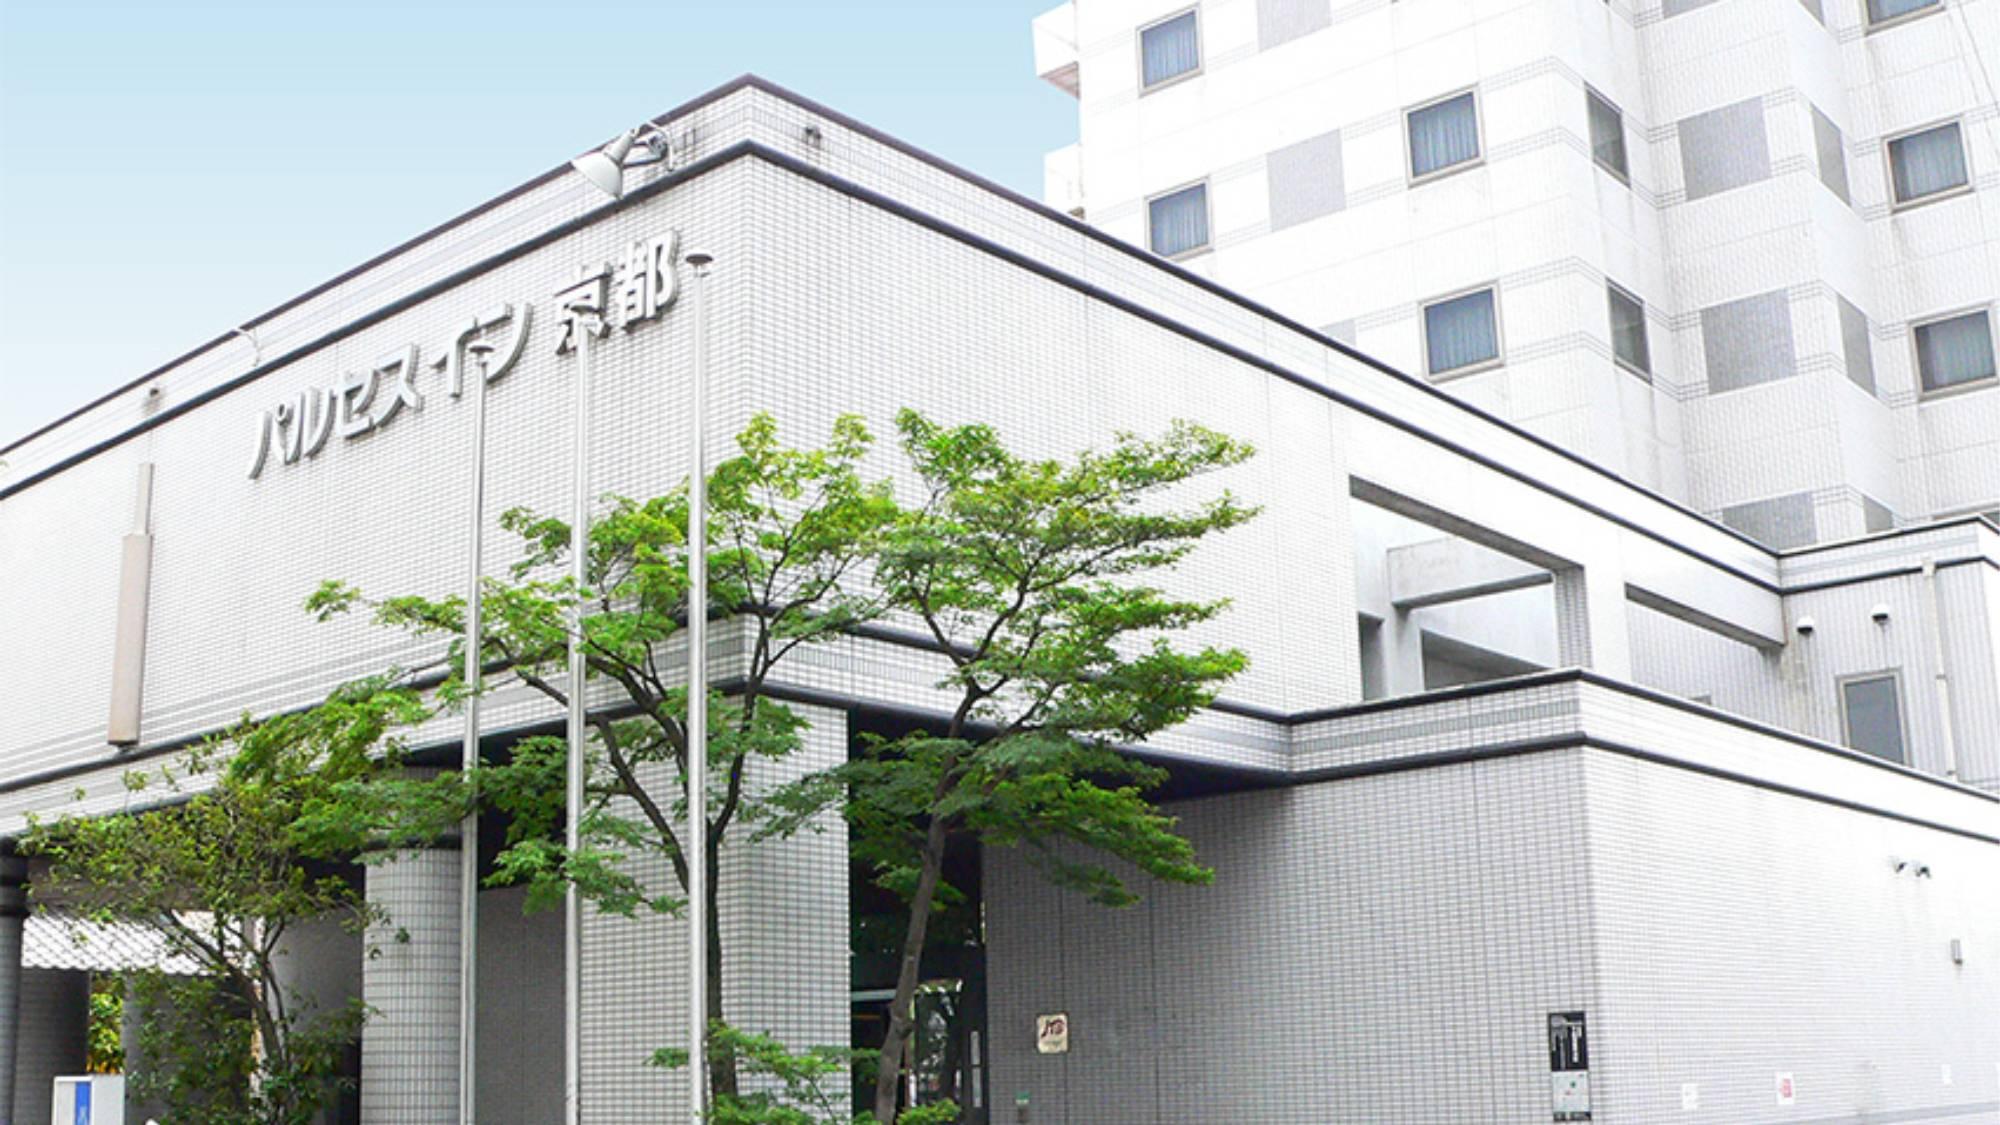 パルセス イン 京都◆楽天トラベル